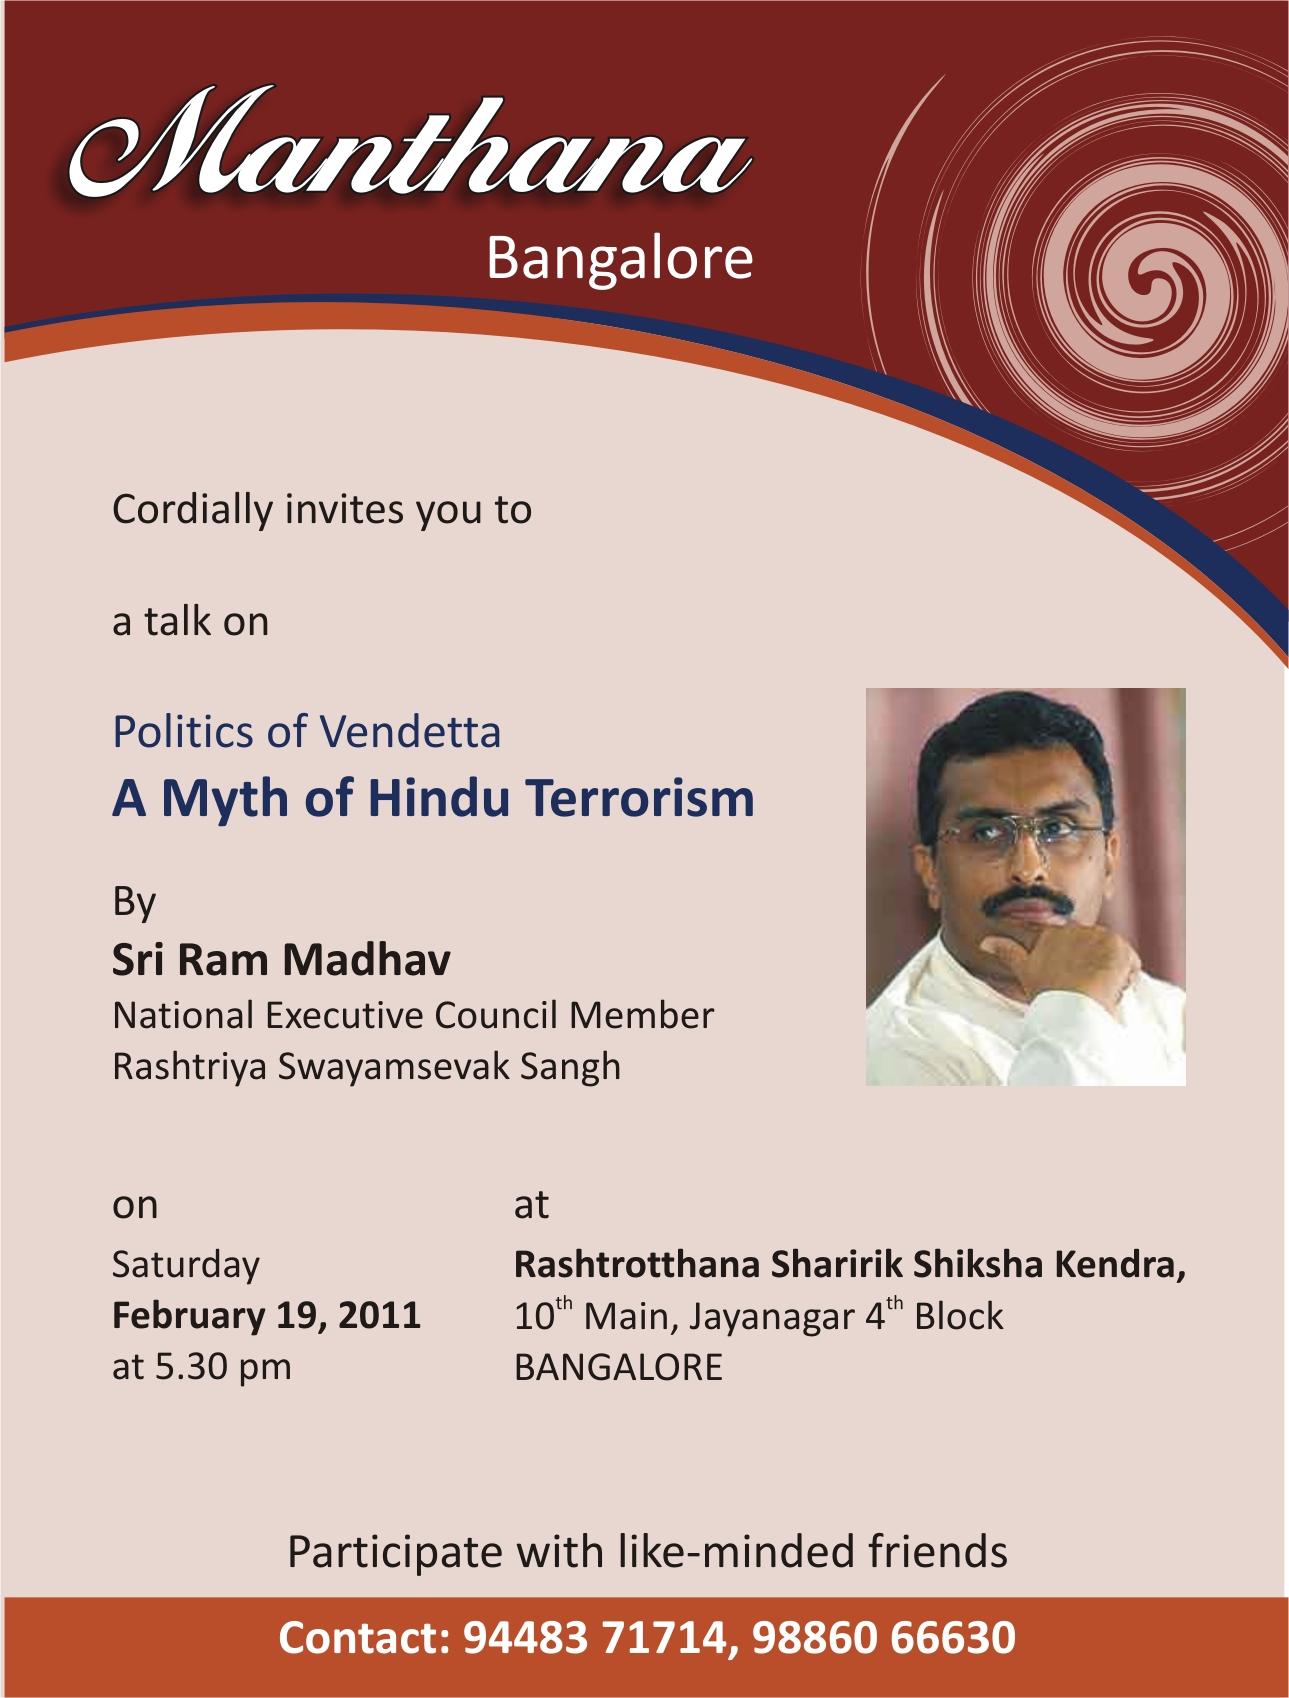 RamMadhav to talk on Hindu-terror issue at Blr